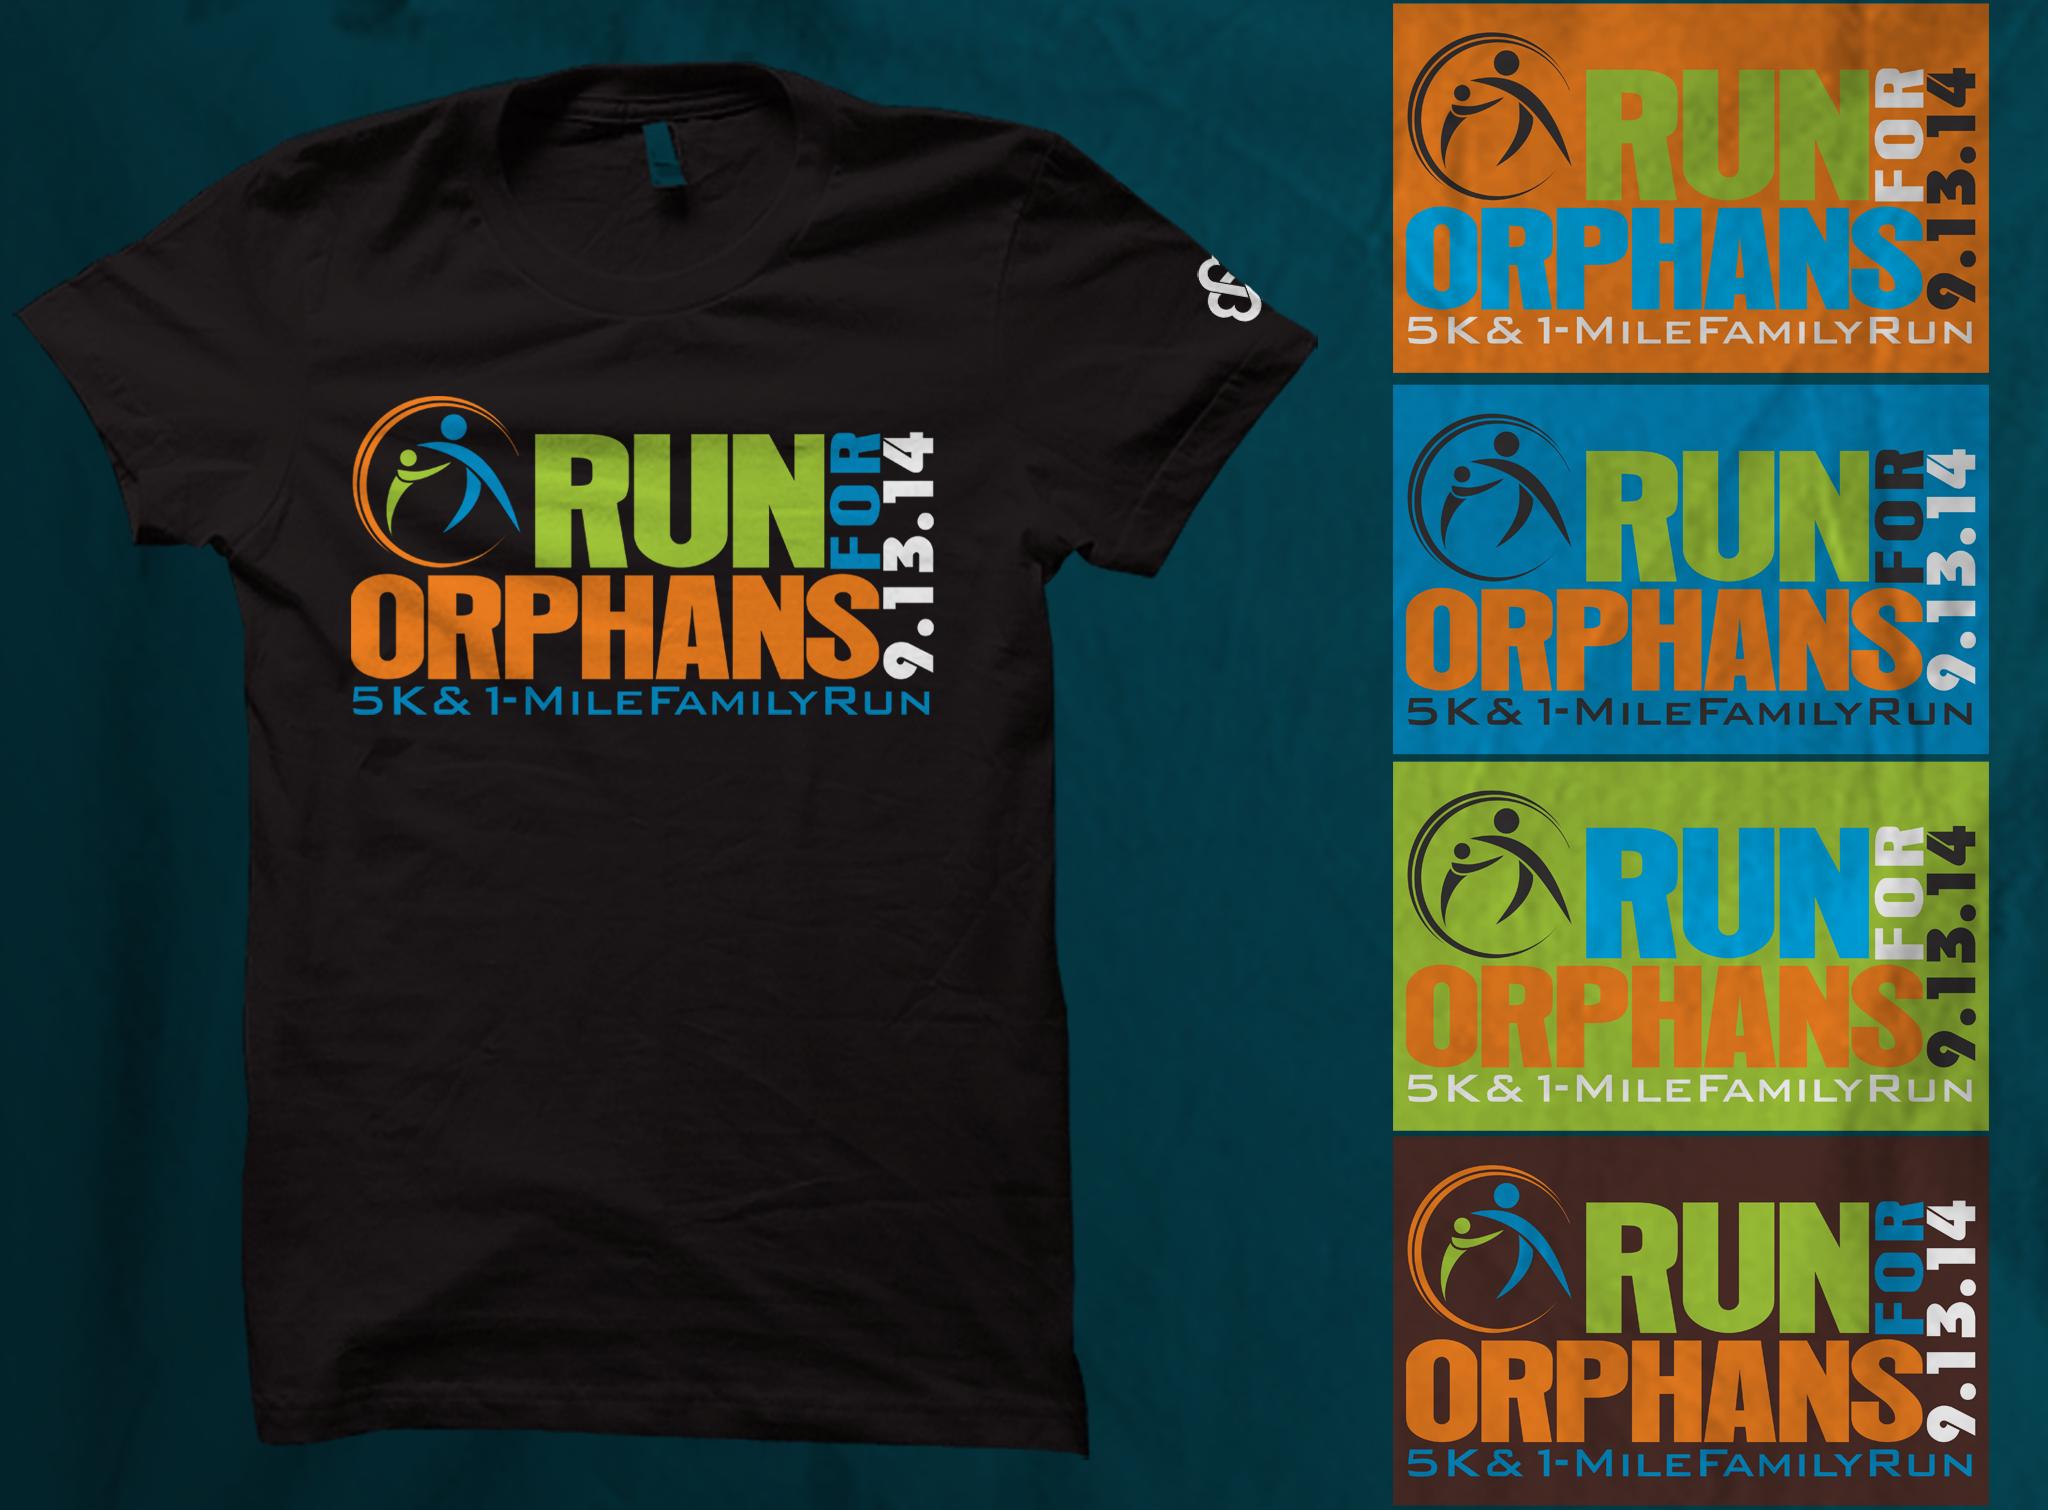 Run for Orphans 5K needs a creative T-shirt design!